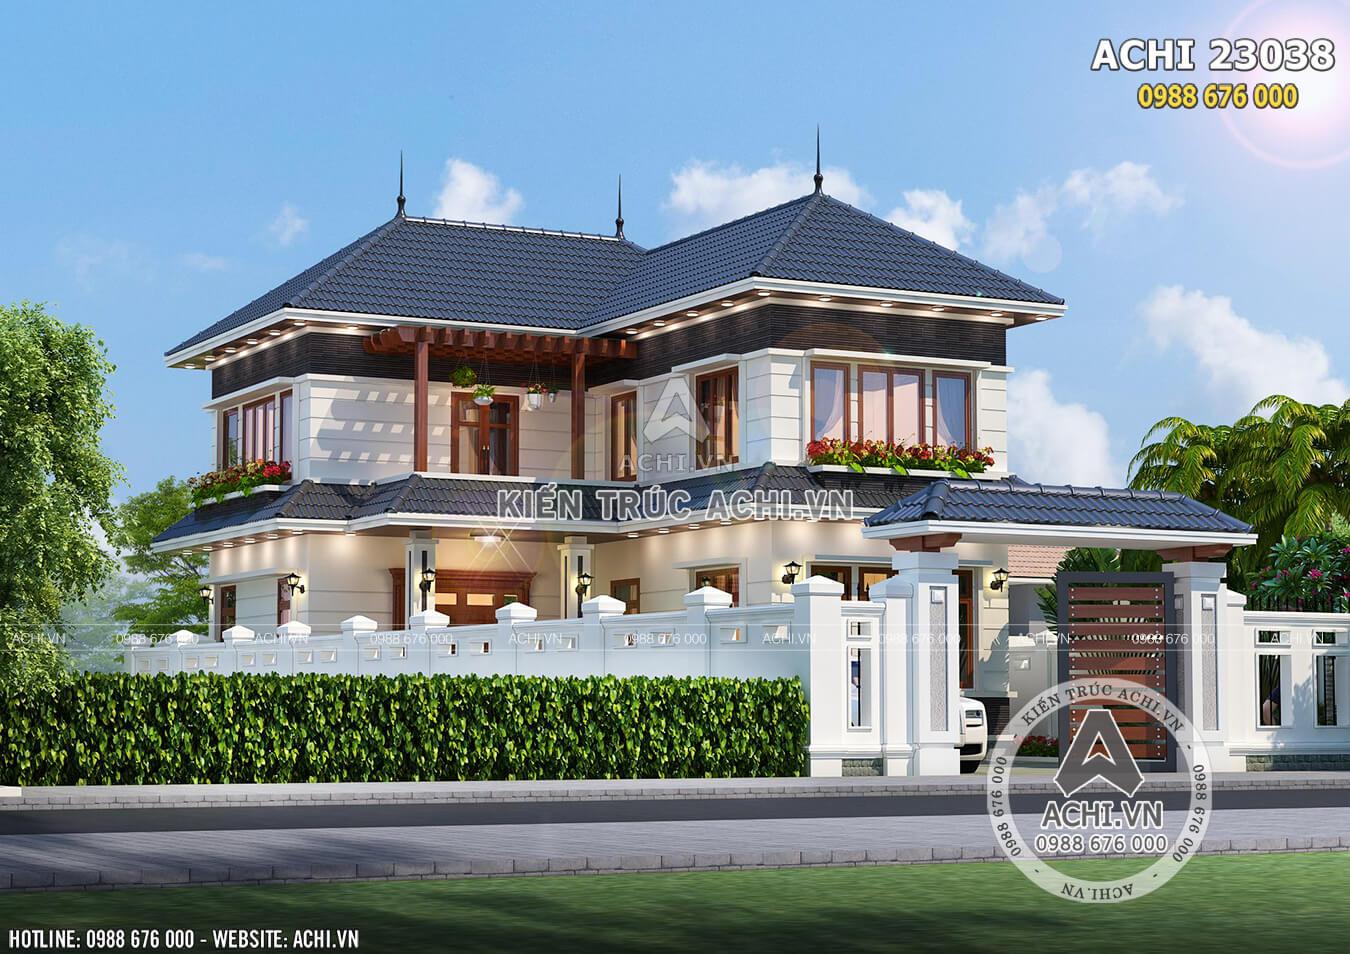 Hình ảnh: Không gian ngoại thất mẫu biệt thự mái Thái ACHI 23038